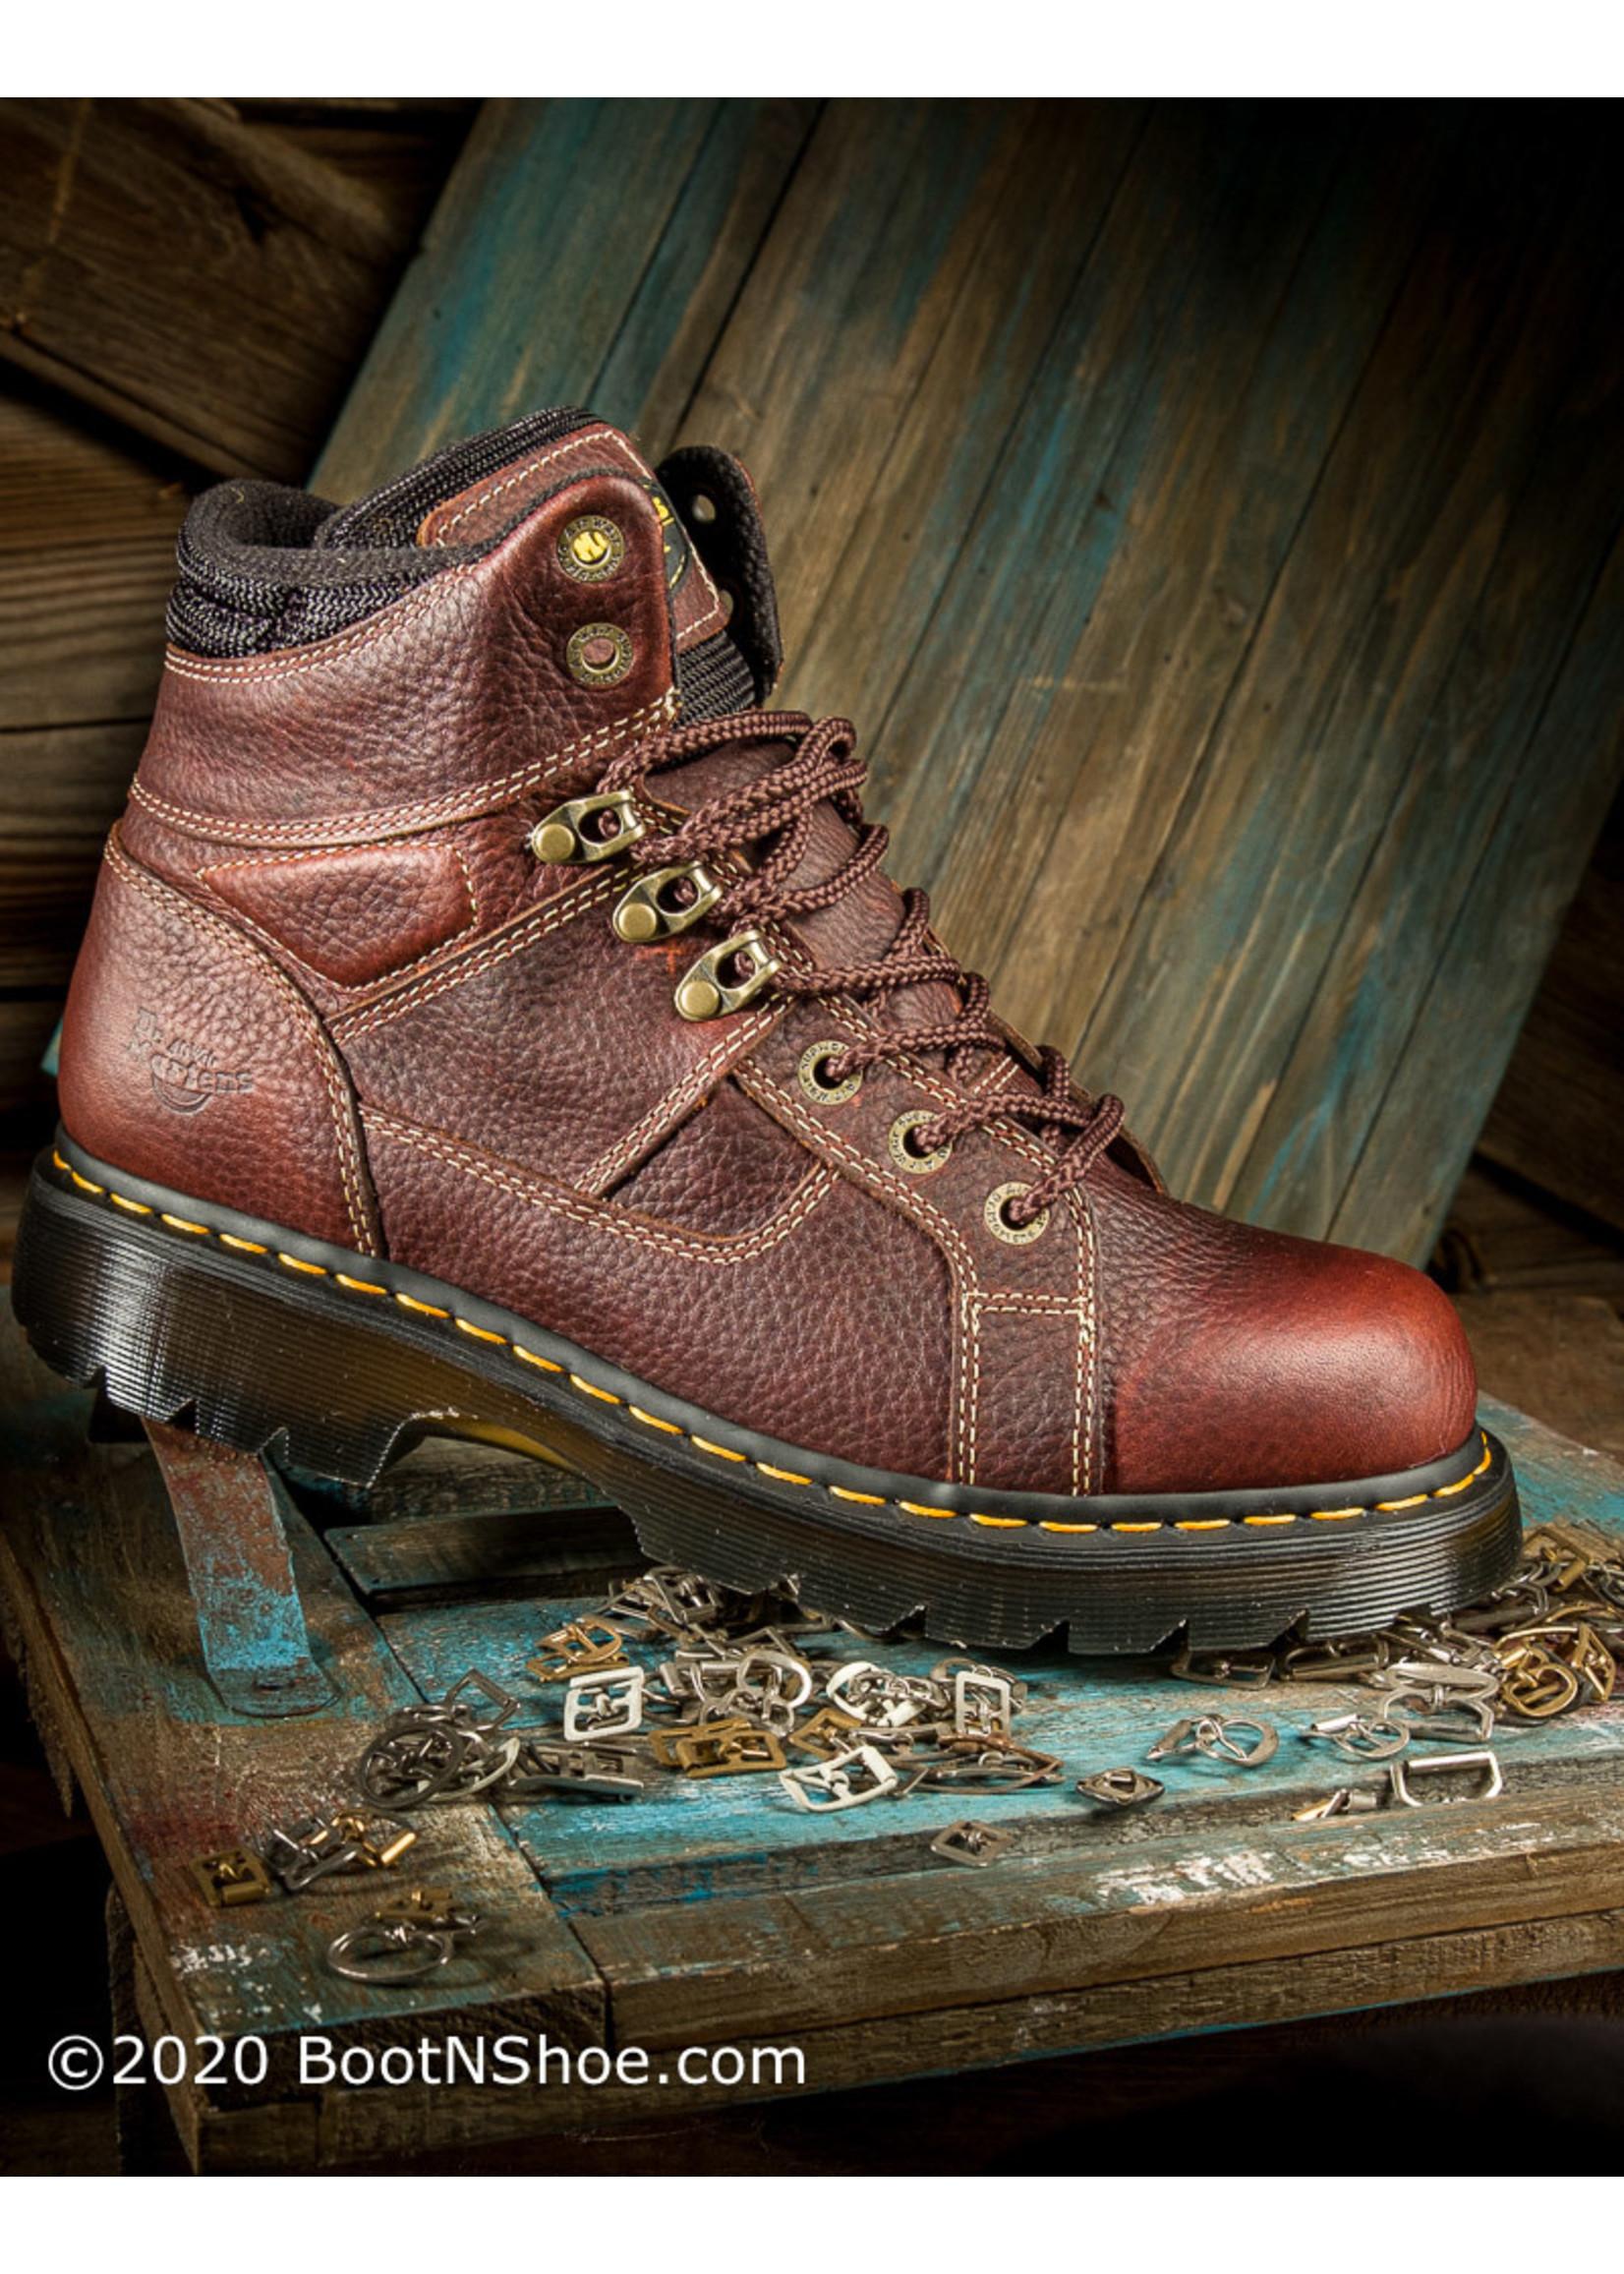 Dr Martens Men's Ironbridge Steel Toe Heavy Duty Work Boots